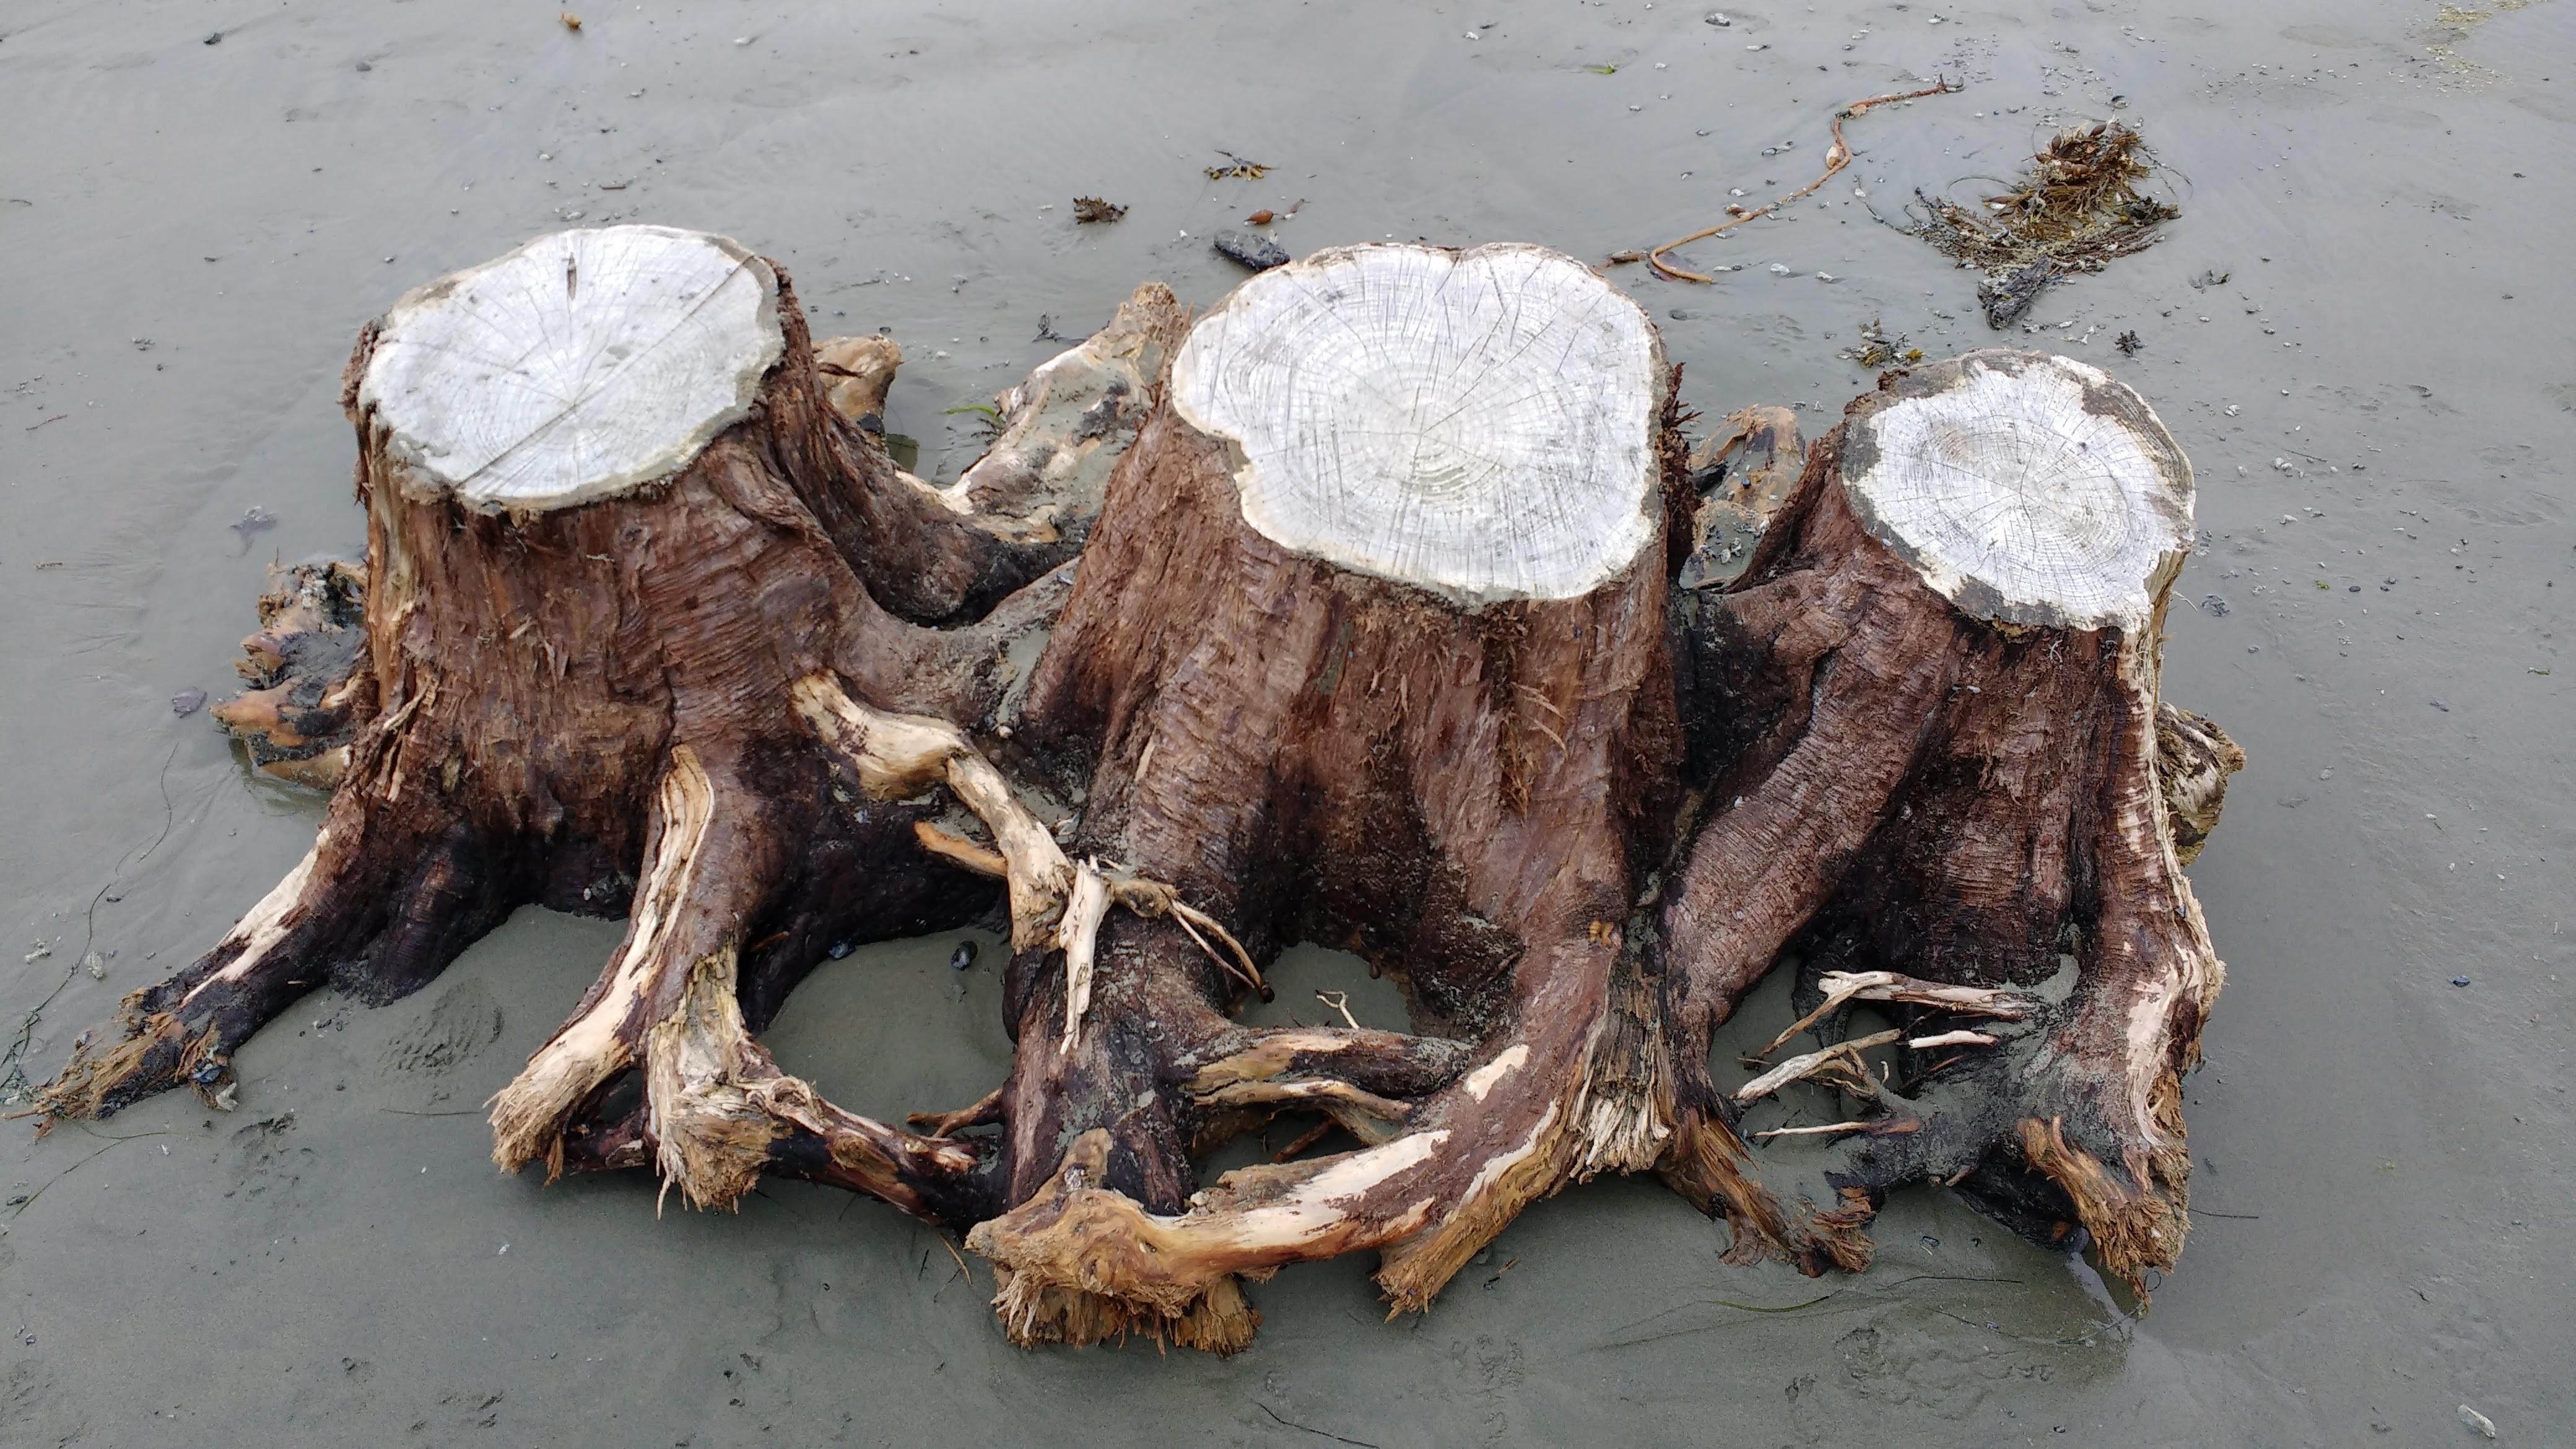 Images Gratuites : plage, bois flotté, la nature, le sable, scénique ...